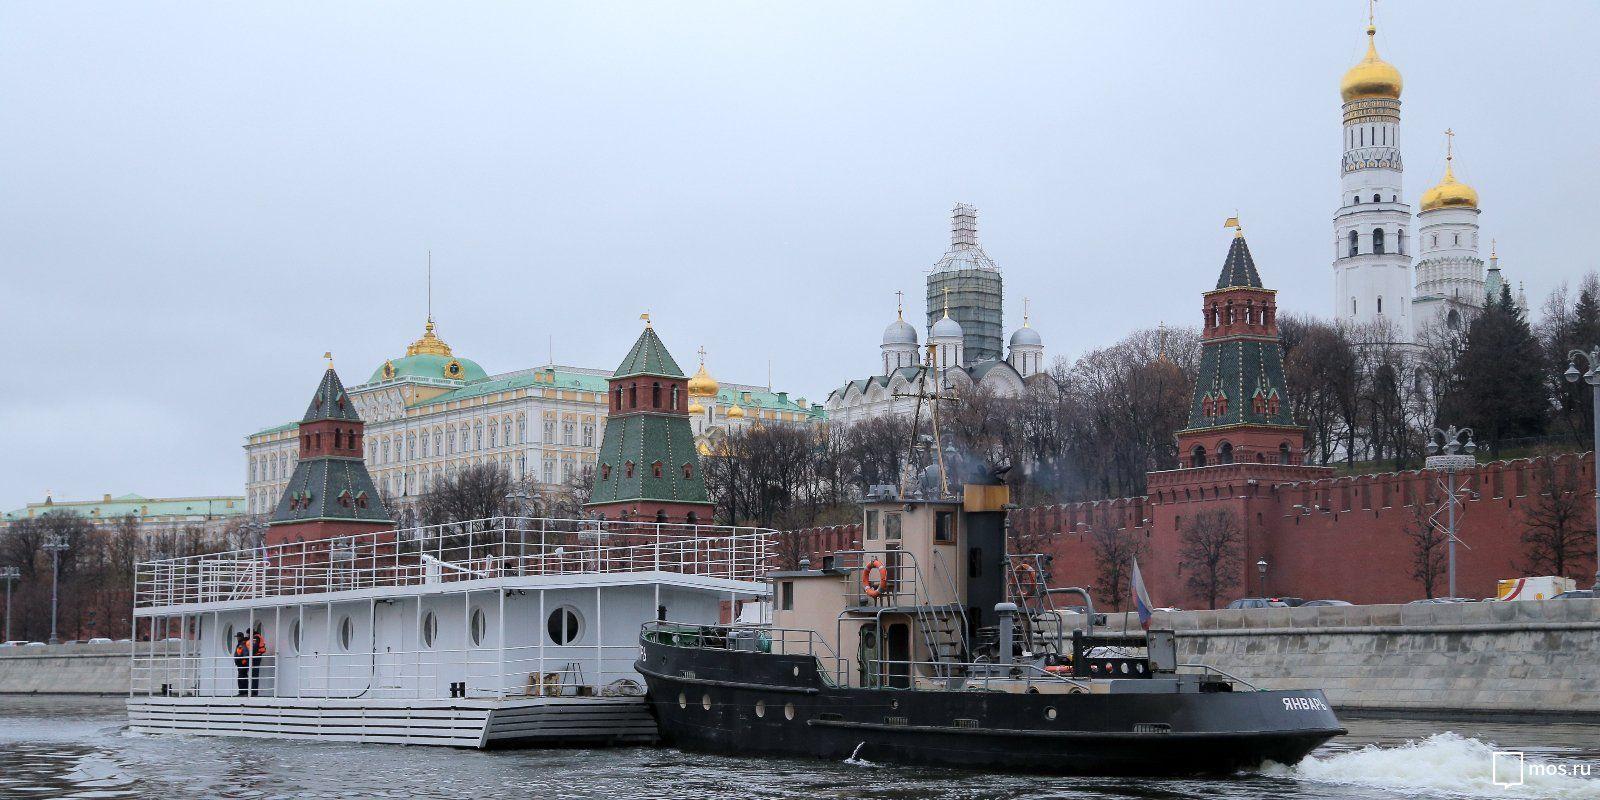 Поисково-спасательная станция «Крымский мост» обрела новый облик